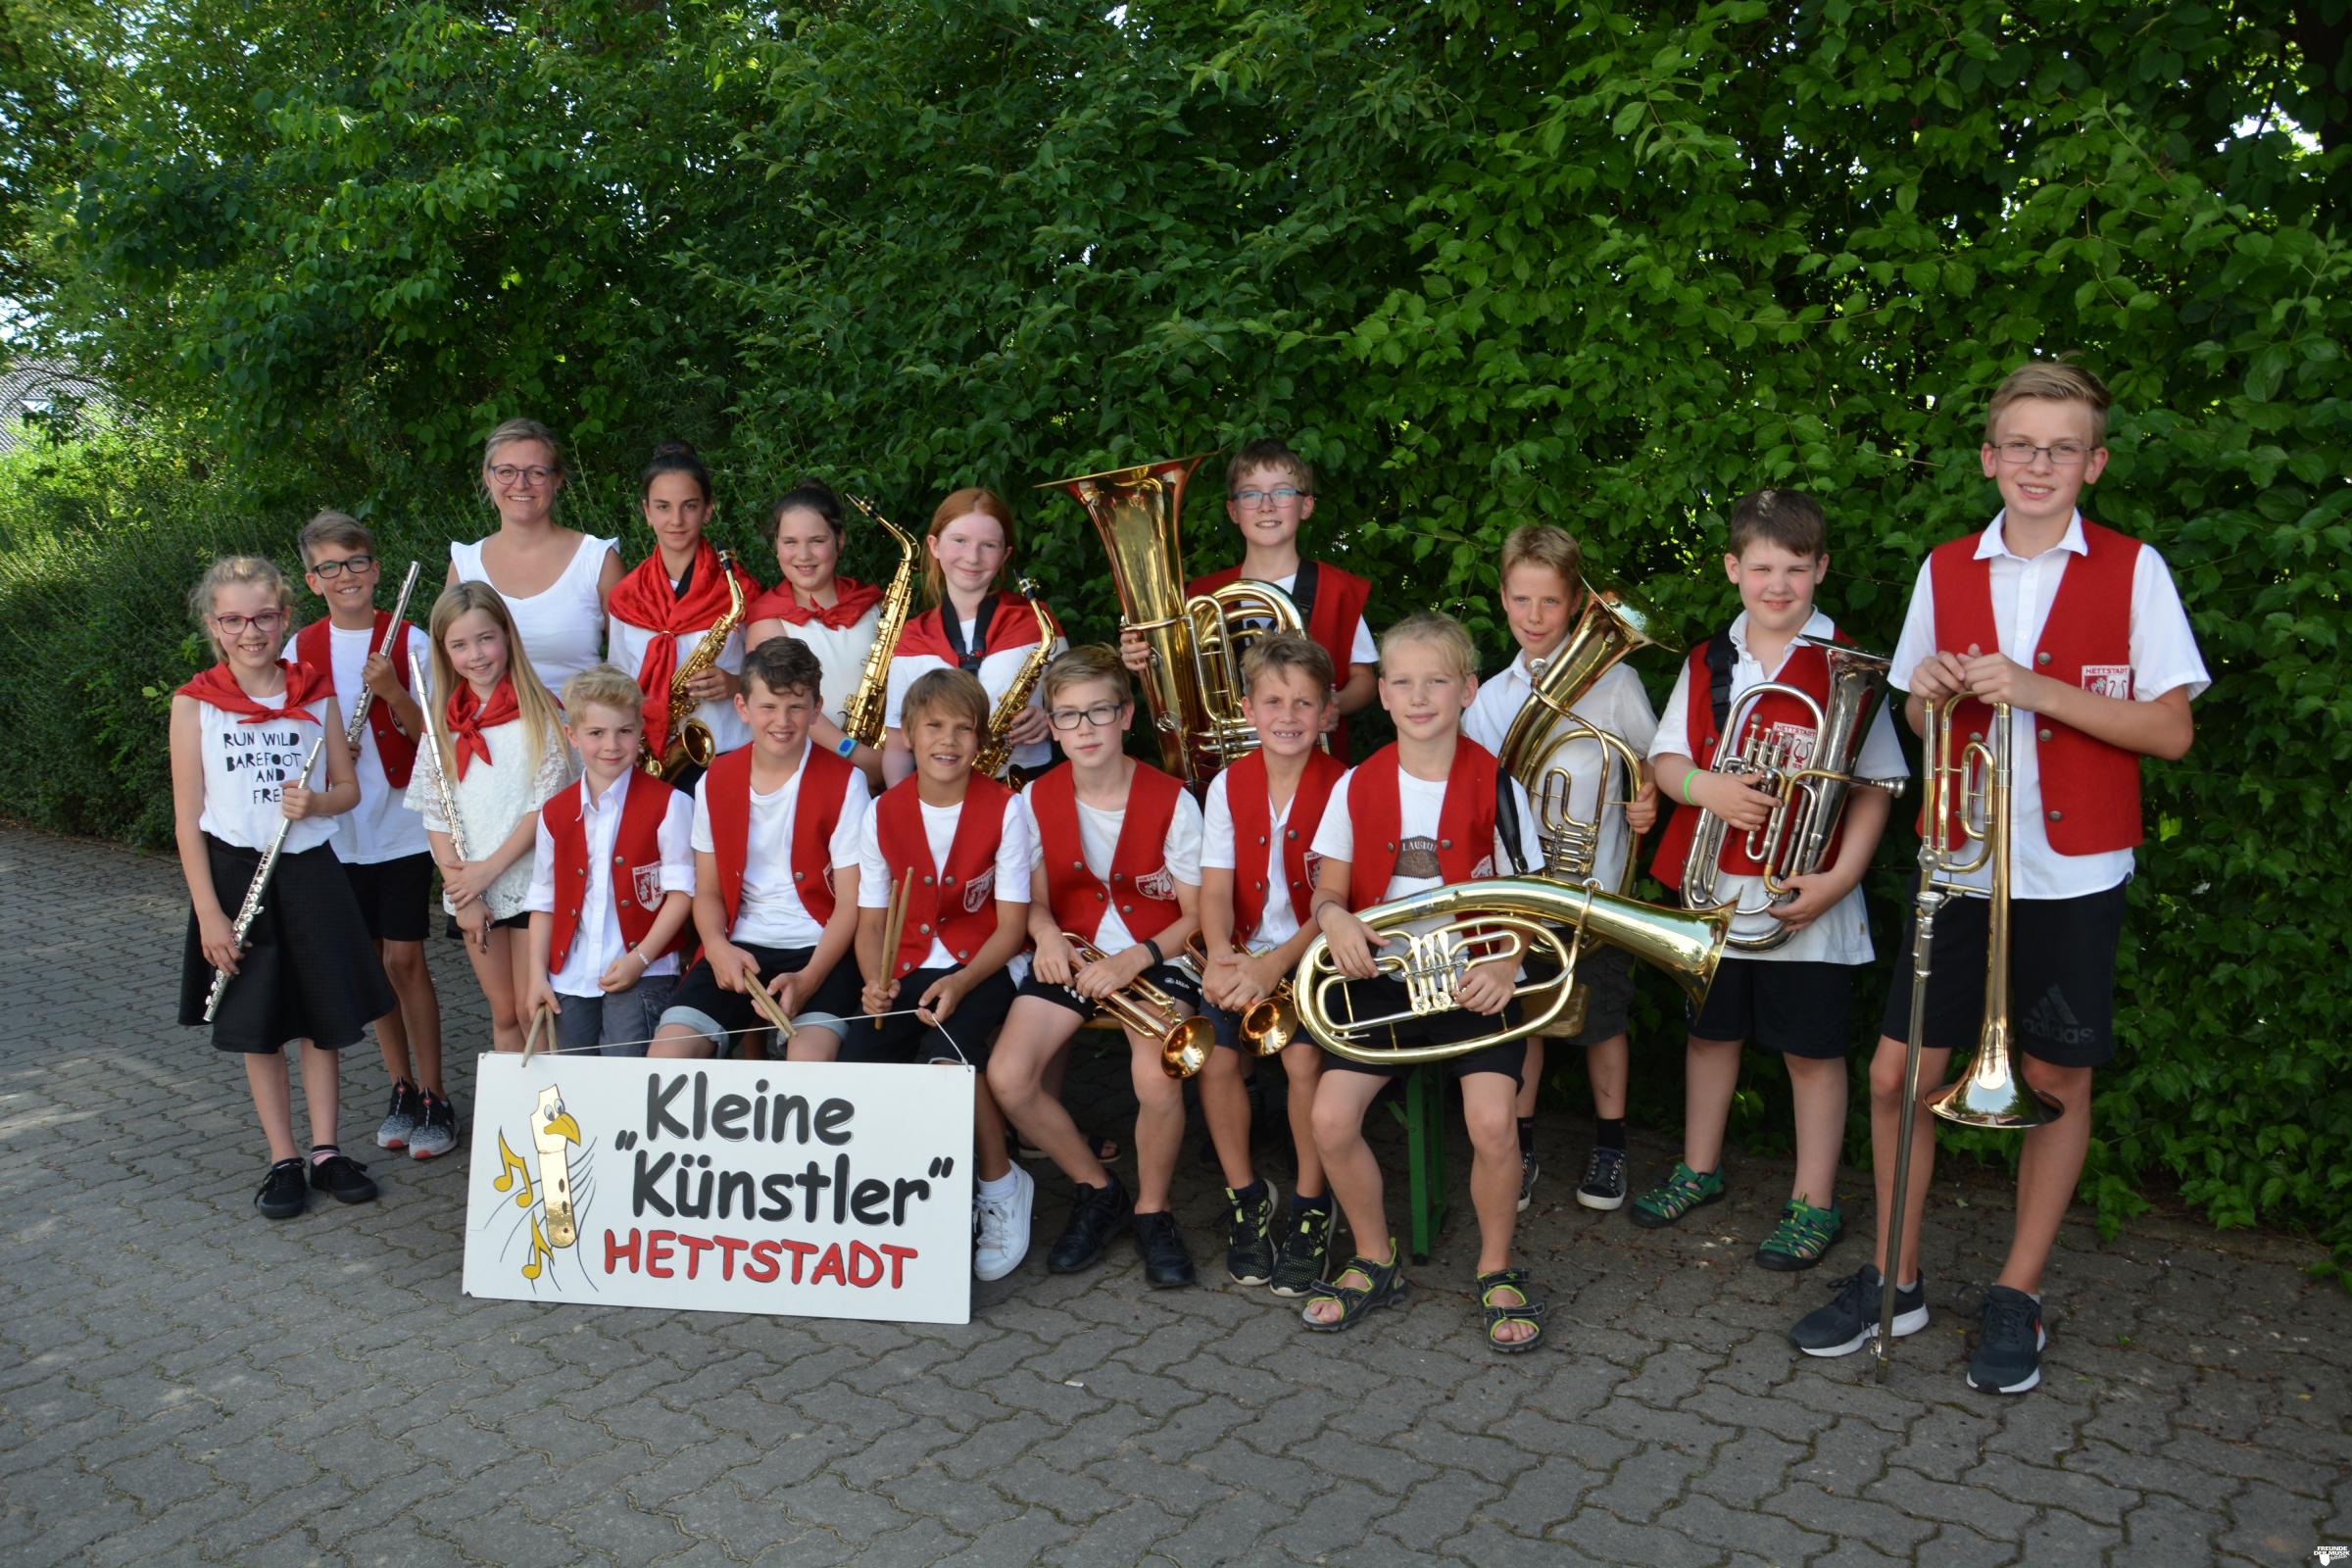 2019-06-30_Pfarrfest_Kleine_Künstler_022